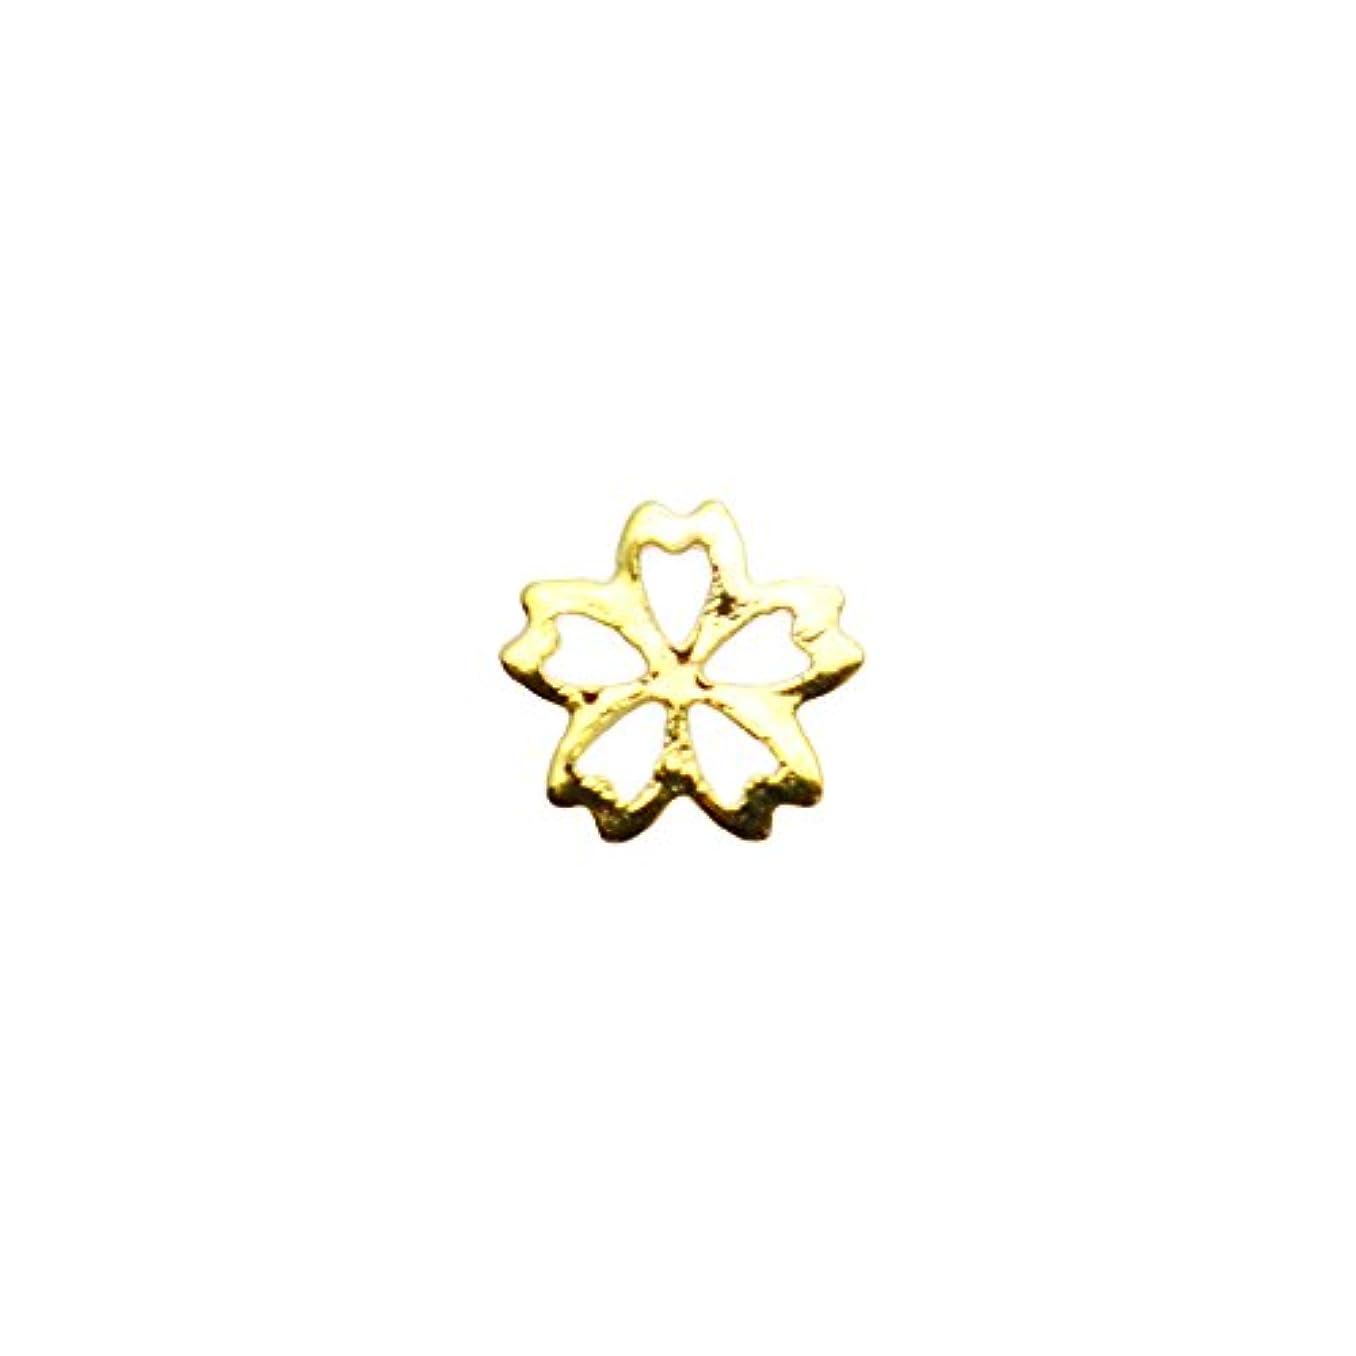 処理急降下巨大な桜フレームパーツ 4mm ゴールド 花パーツ フラワーパーツ 桜パーツ ジェルネイル セルフネイル 春ネイル